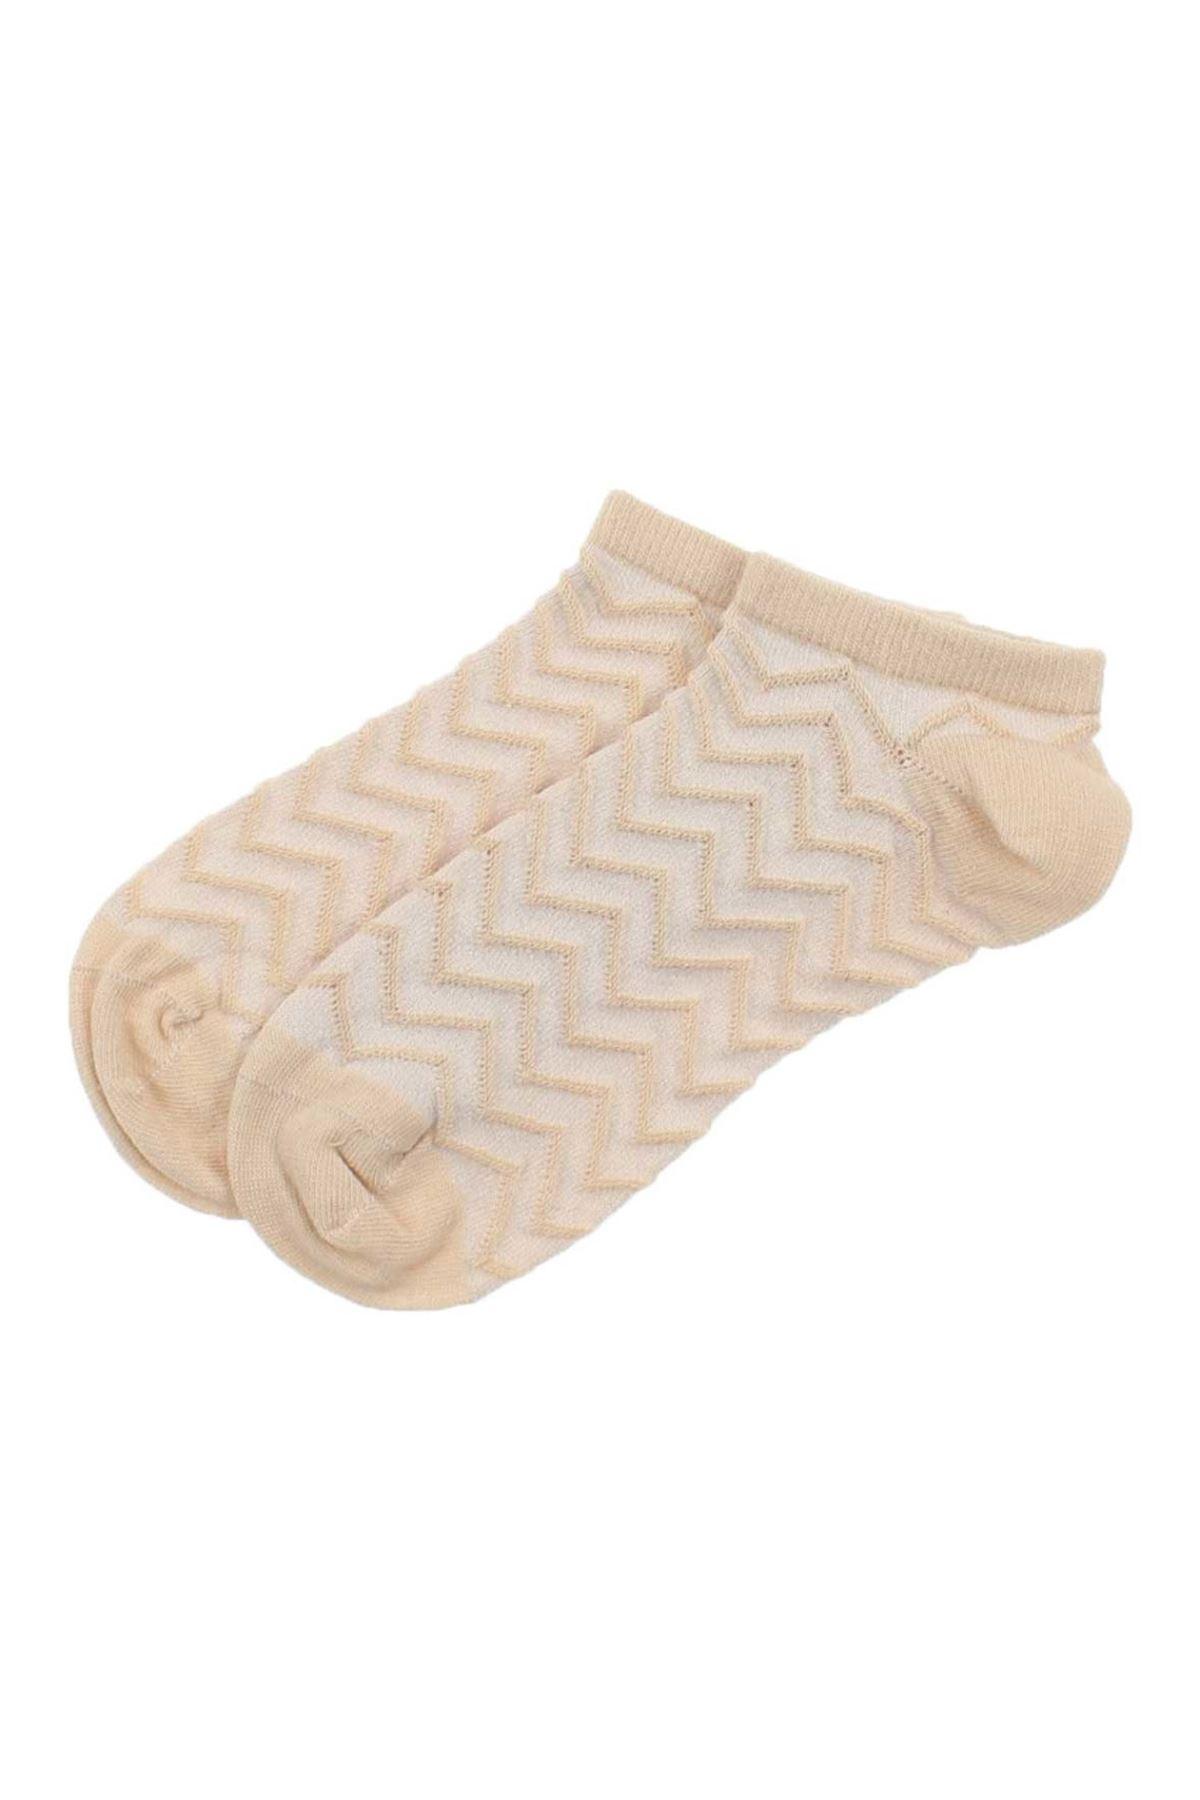 ByJawalli Kadın Kahve Desenli Parfümlü Patik Çorap 065-491-033